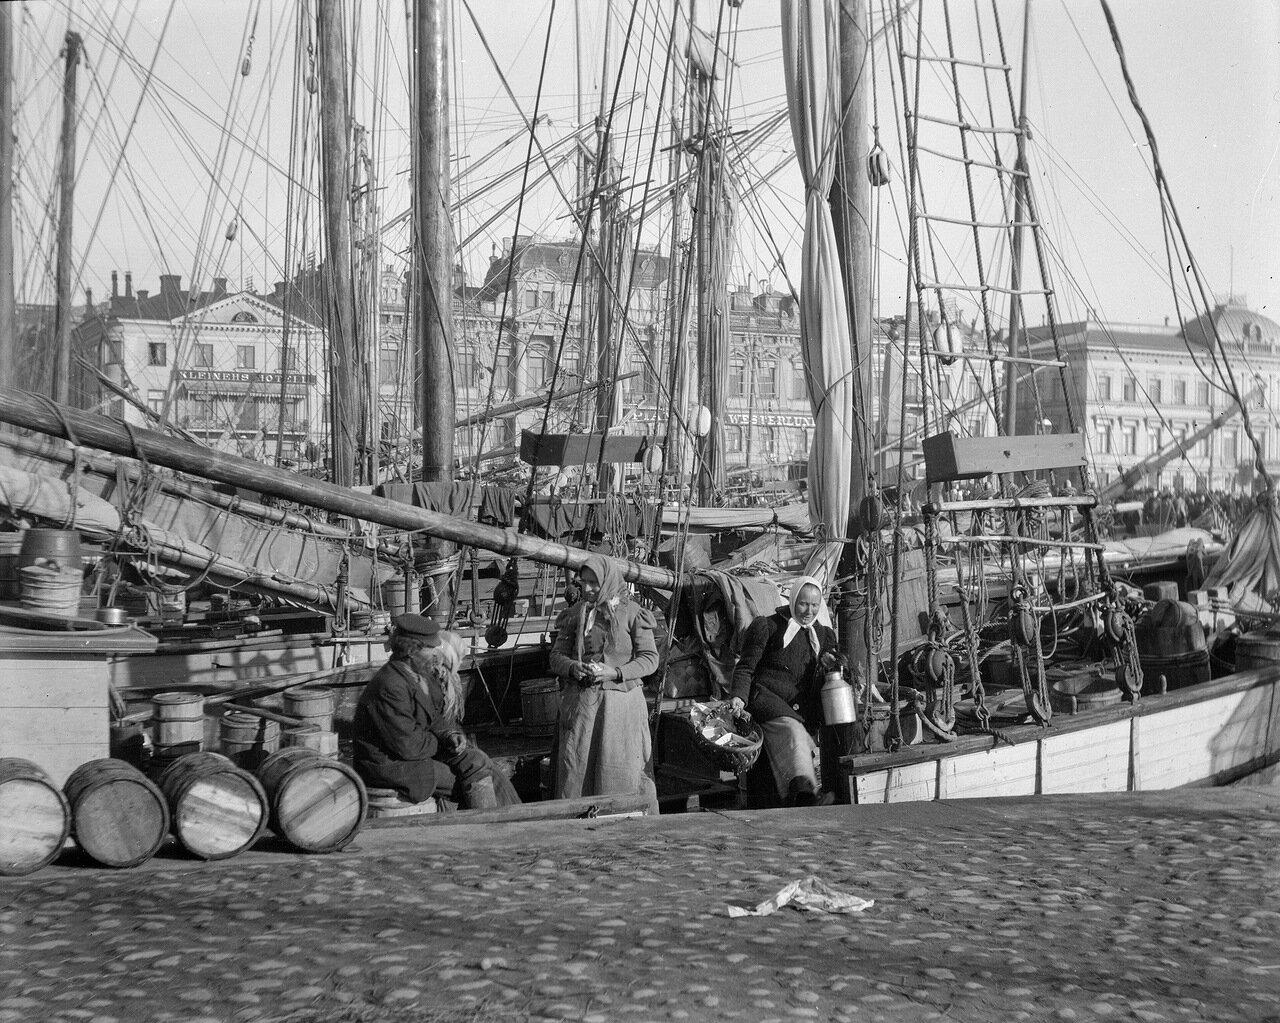 Баржи у Рыночной площади в 1906 году. Традиционно здесь происходила торговля сельдью в первую неделю октября.